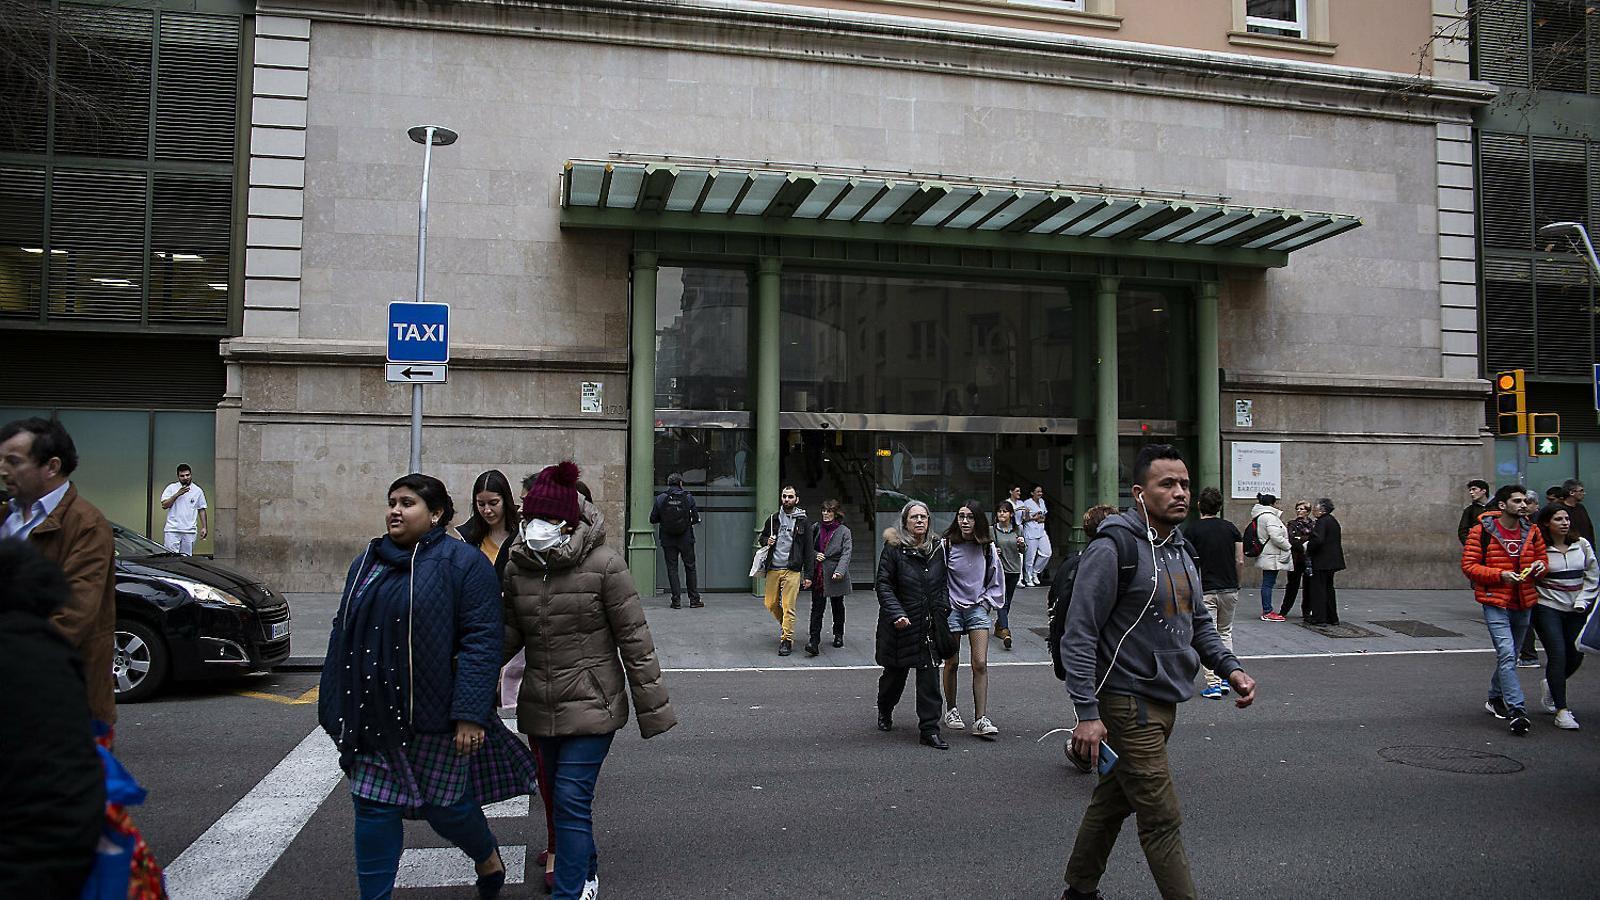 La façana de l'Hospital Clínic de Barcelona quan es van detectar els primers casos de coronavirus a Barcelona / SARA CABARROCAS